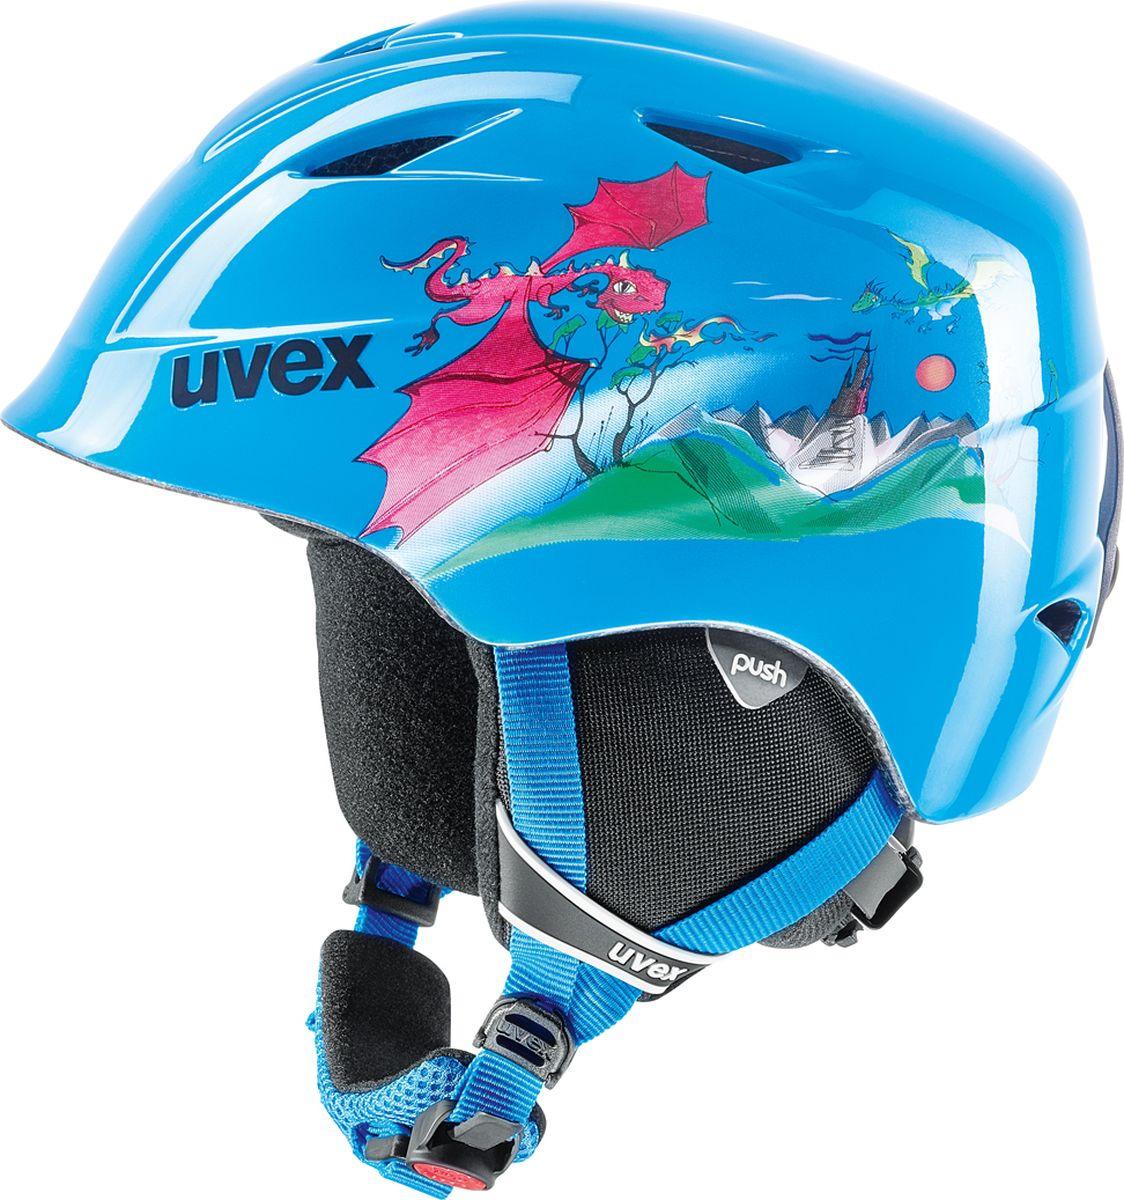 Шлем горнолыжный для мальчика Uvex Airwing 2 Kid's Helmet, 6132-46, синий. Размер XXS шлем горнолыжный для мальчика uvex airwing 2 kid s helmet 6132 46 синий размер xxs